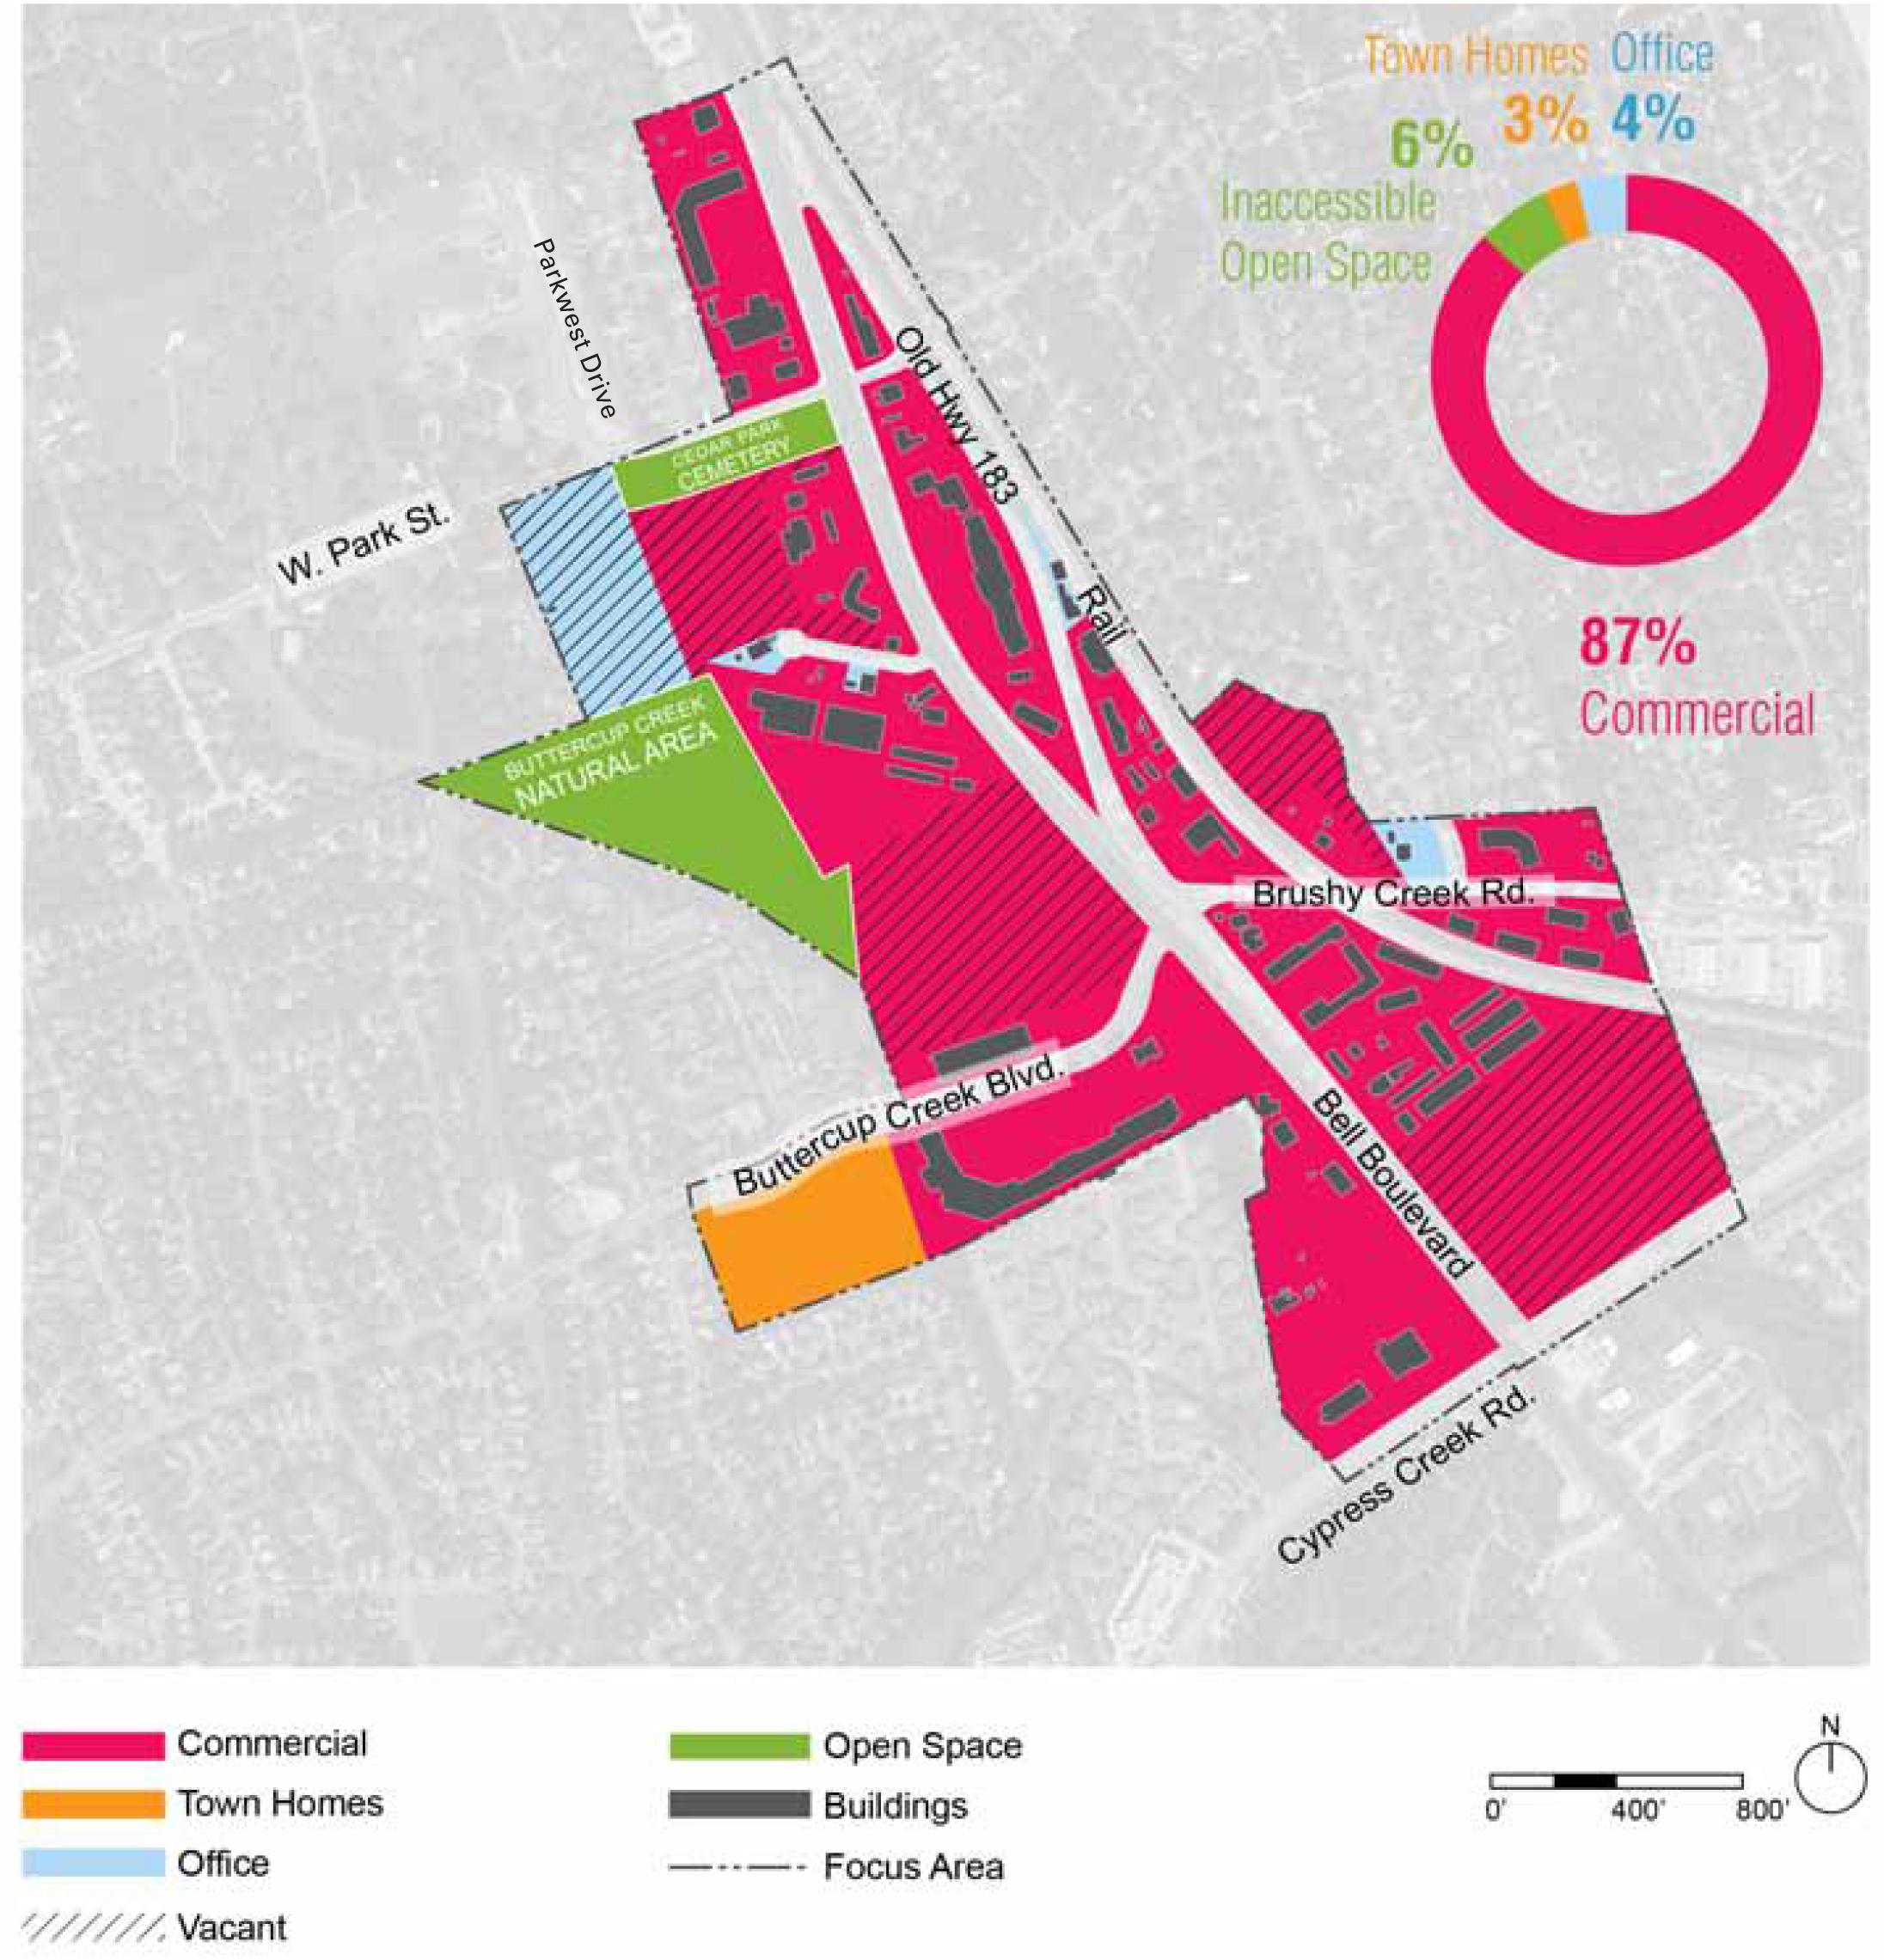 Land Use_Bell Blvd.jpg